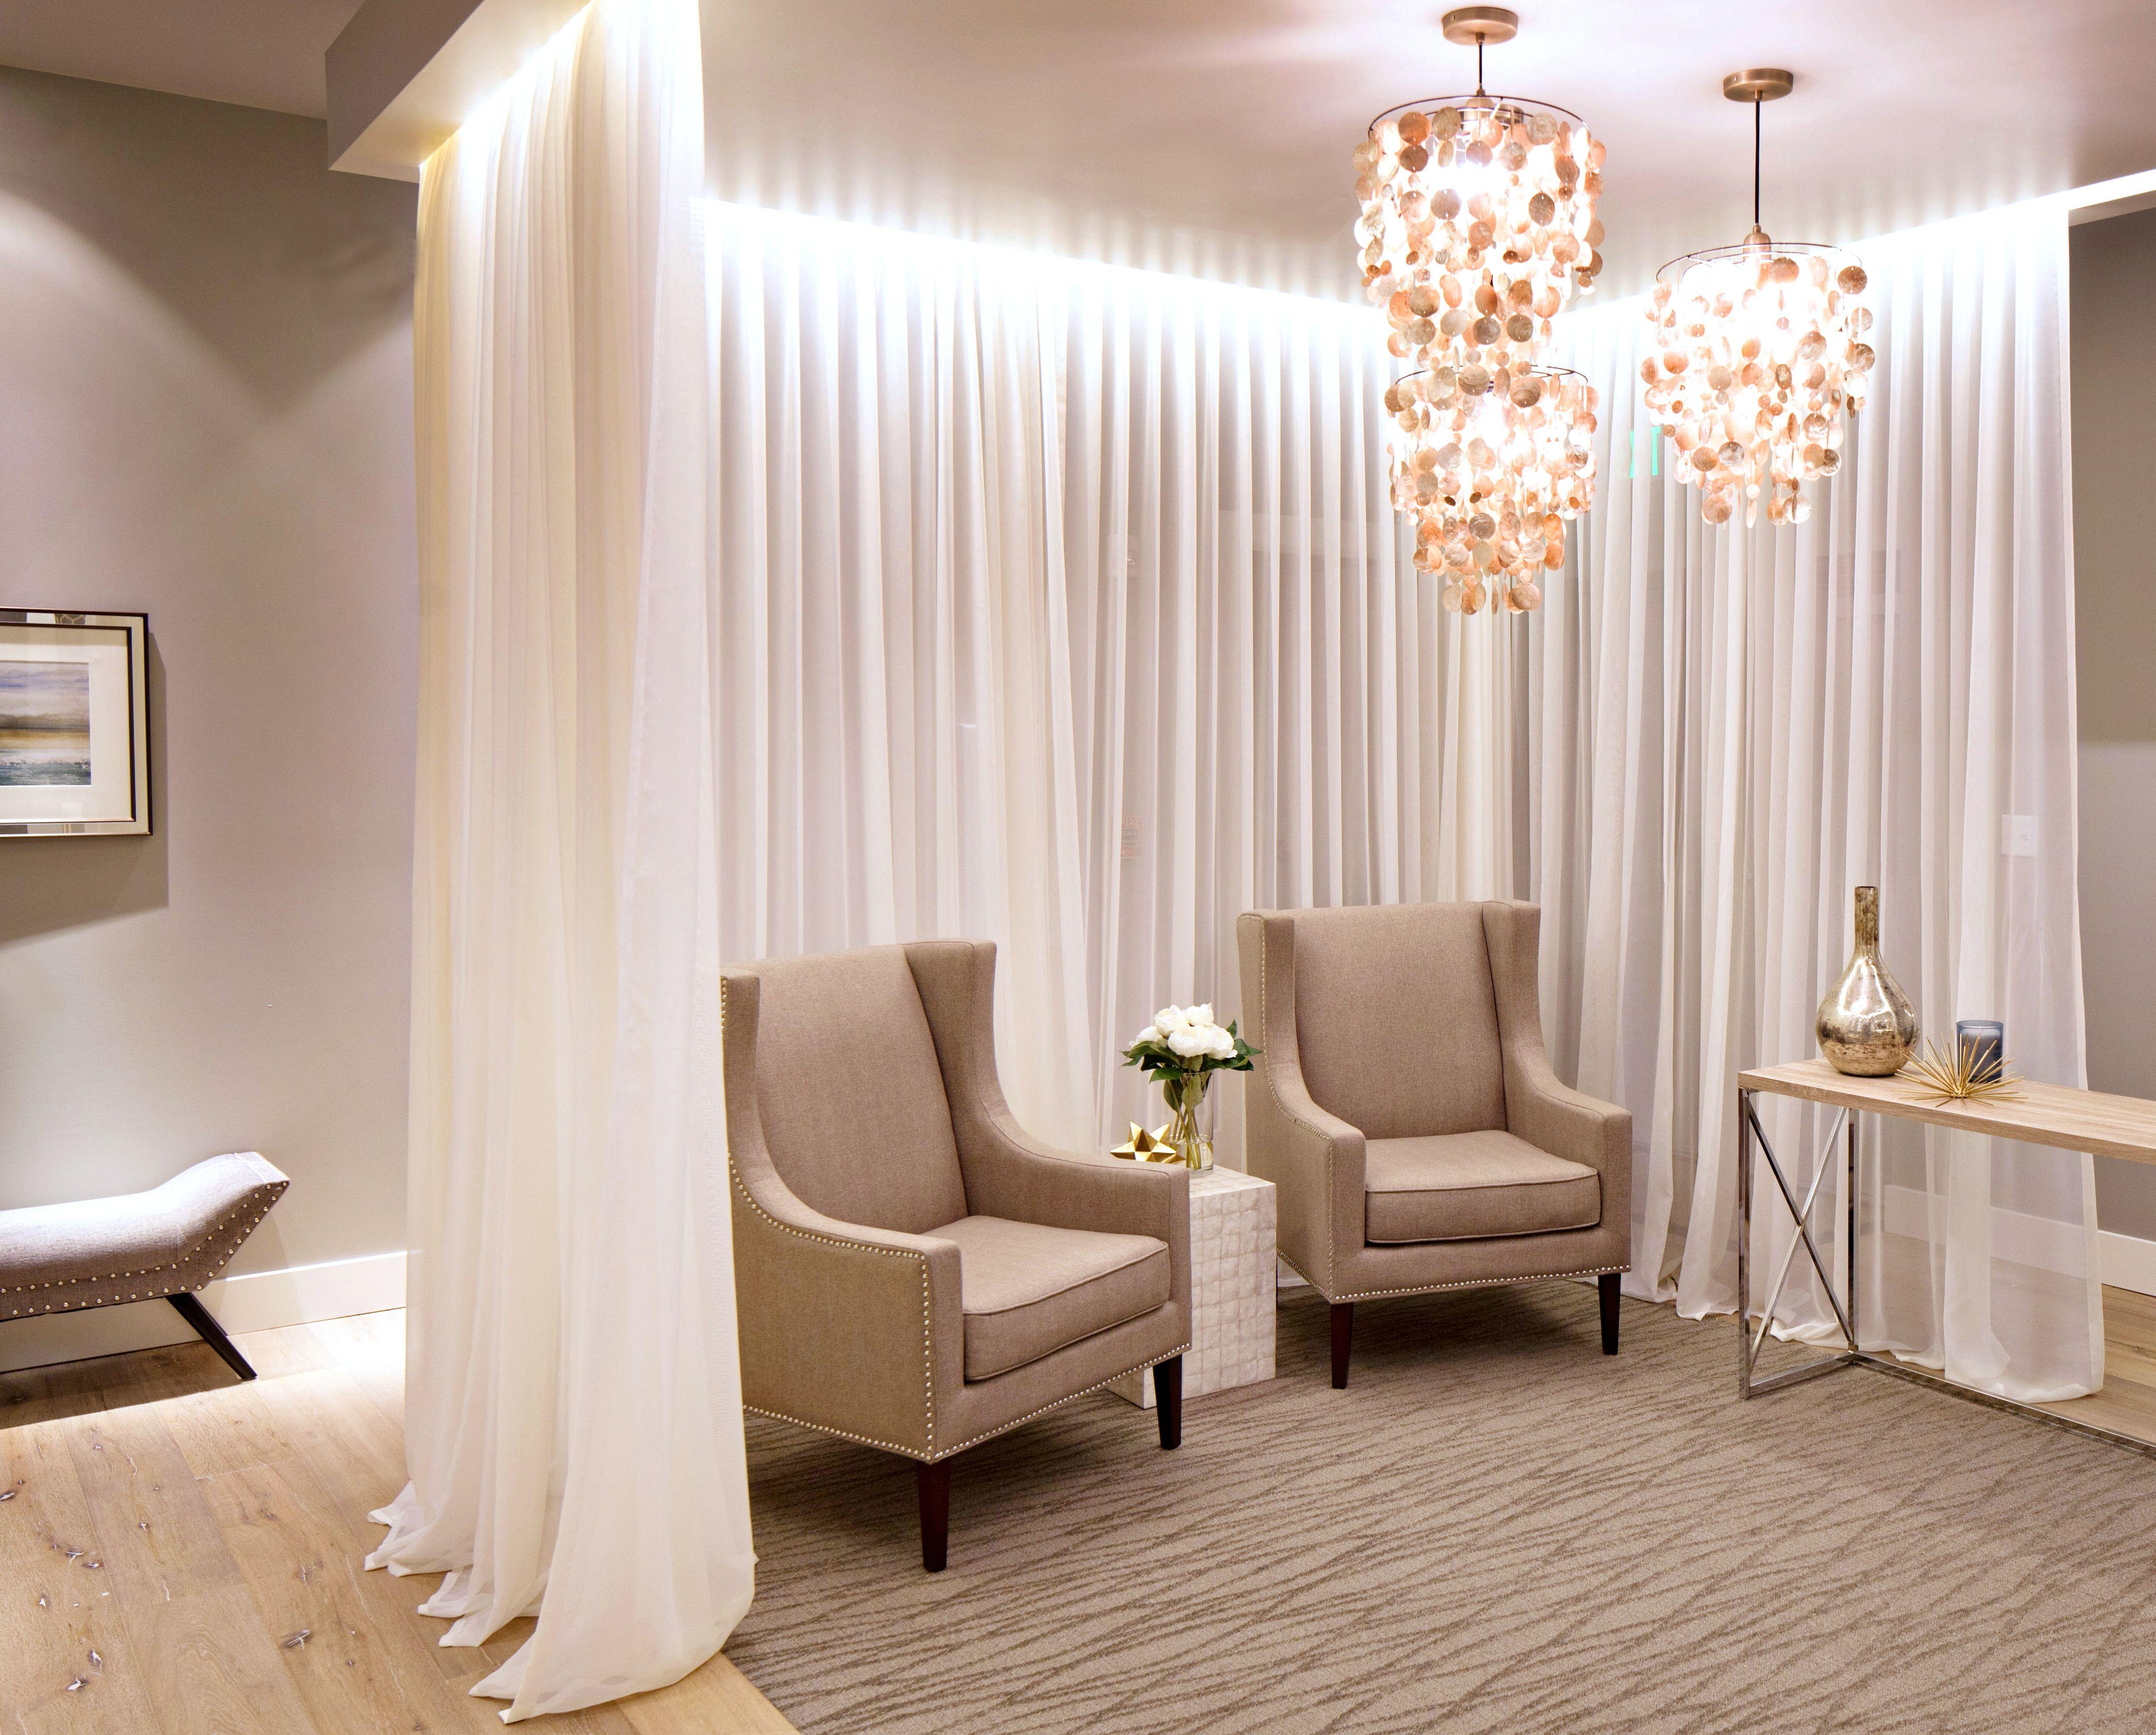 Pernuladesign com spa design interior design relaxation room medical design